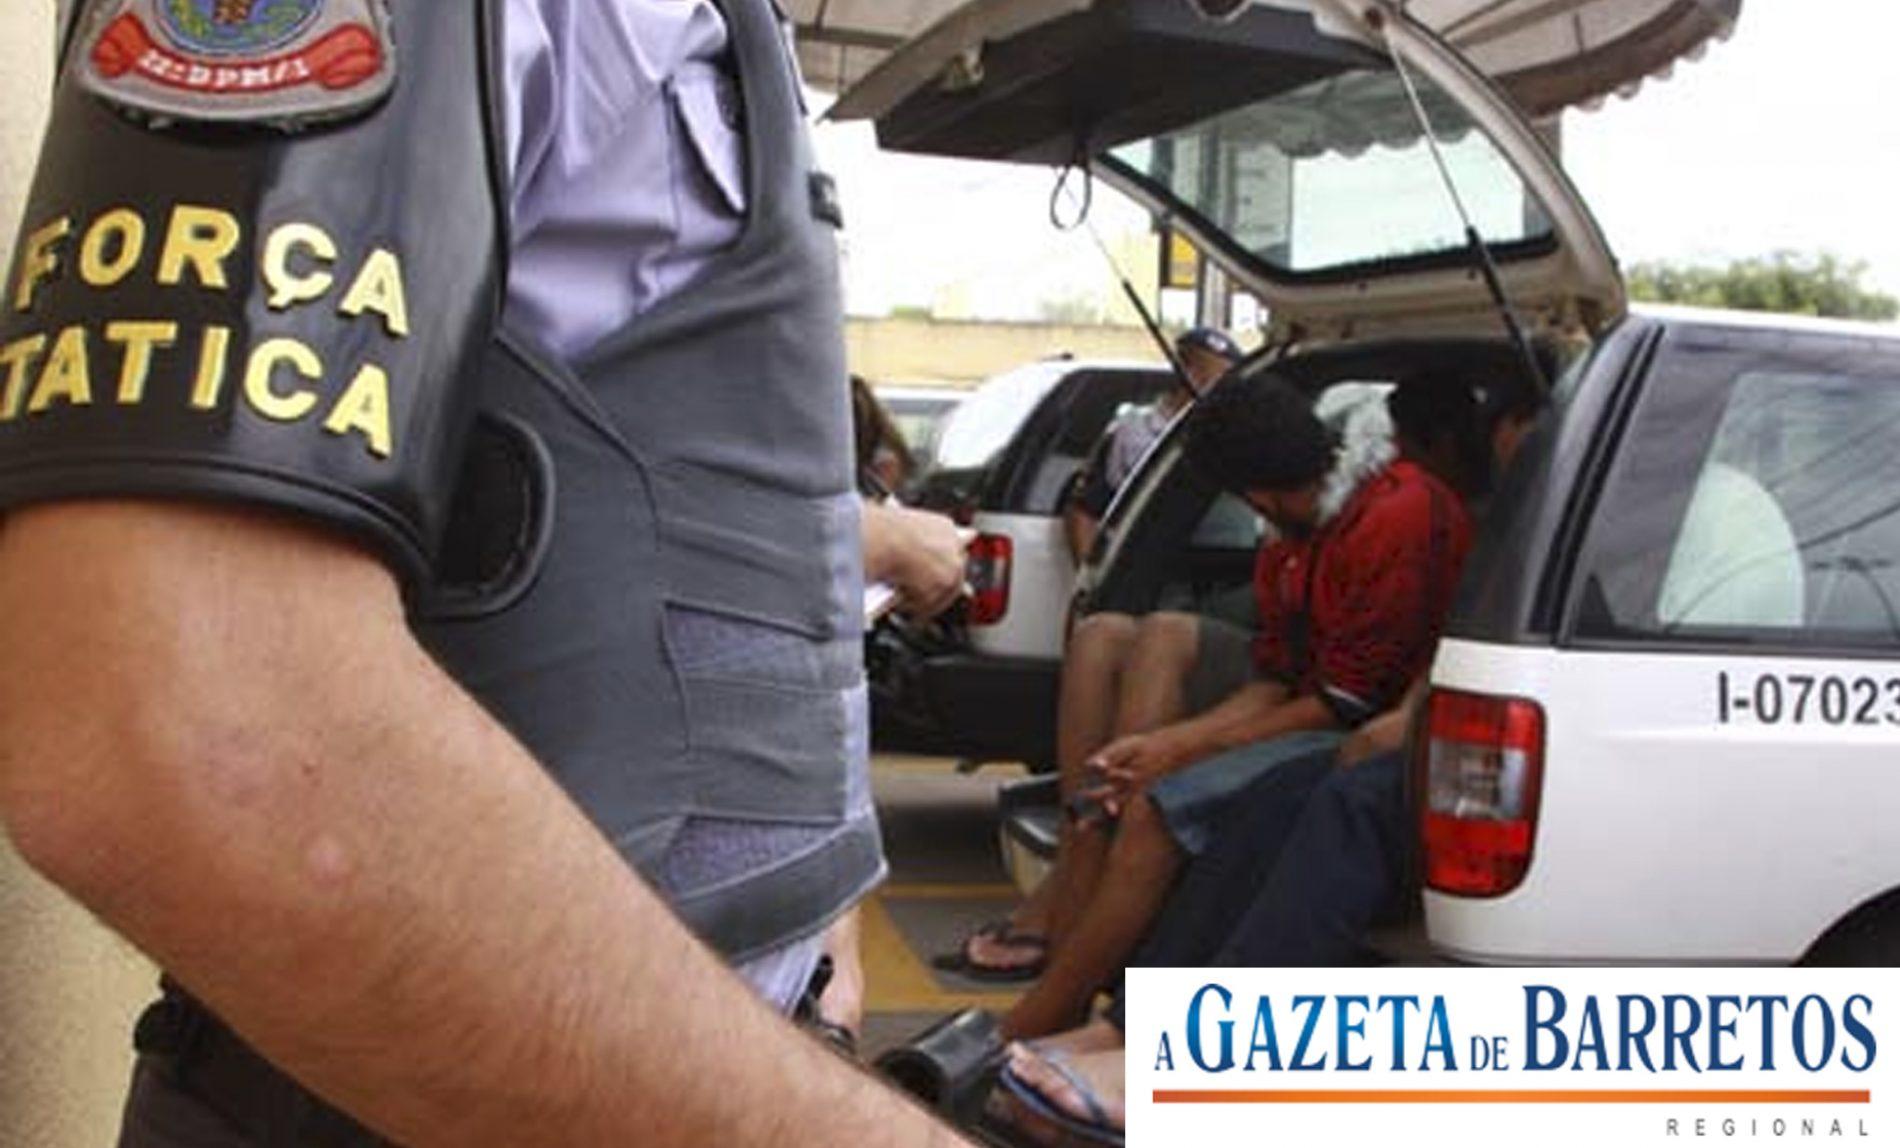 NOTÍCIAS POLICIAIS: Força Tática apreende menor traficando drogas em Lava Jato